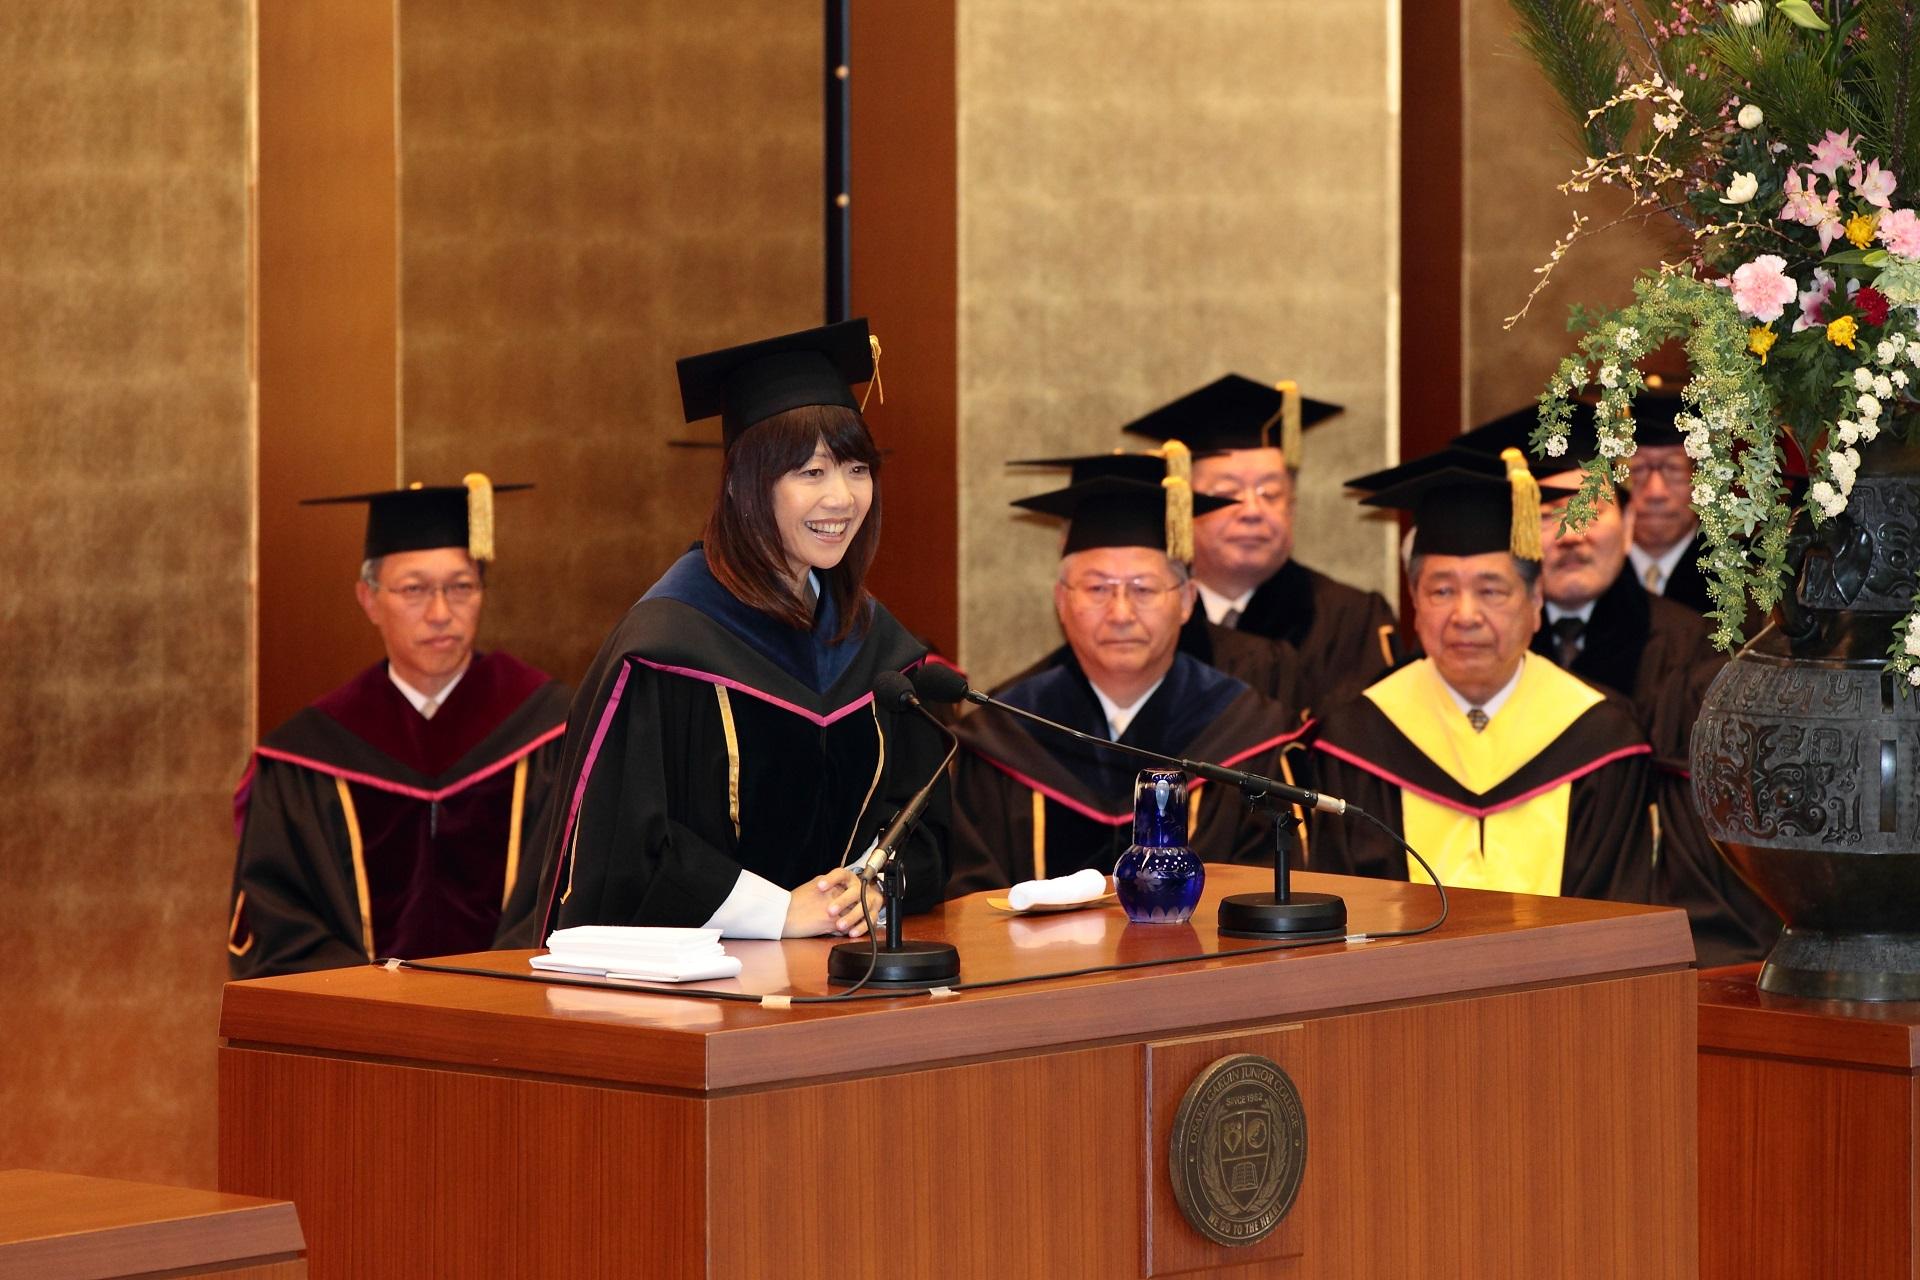 高橋尚子さんが入学式で新入生に祝辞を贈る -- 大阪学院大学